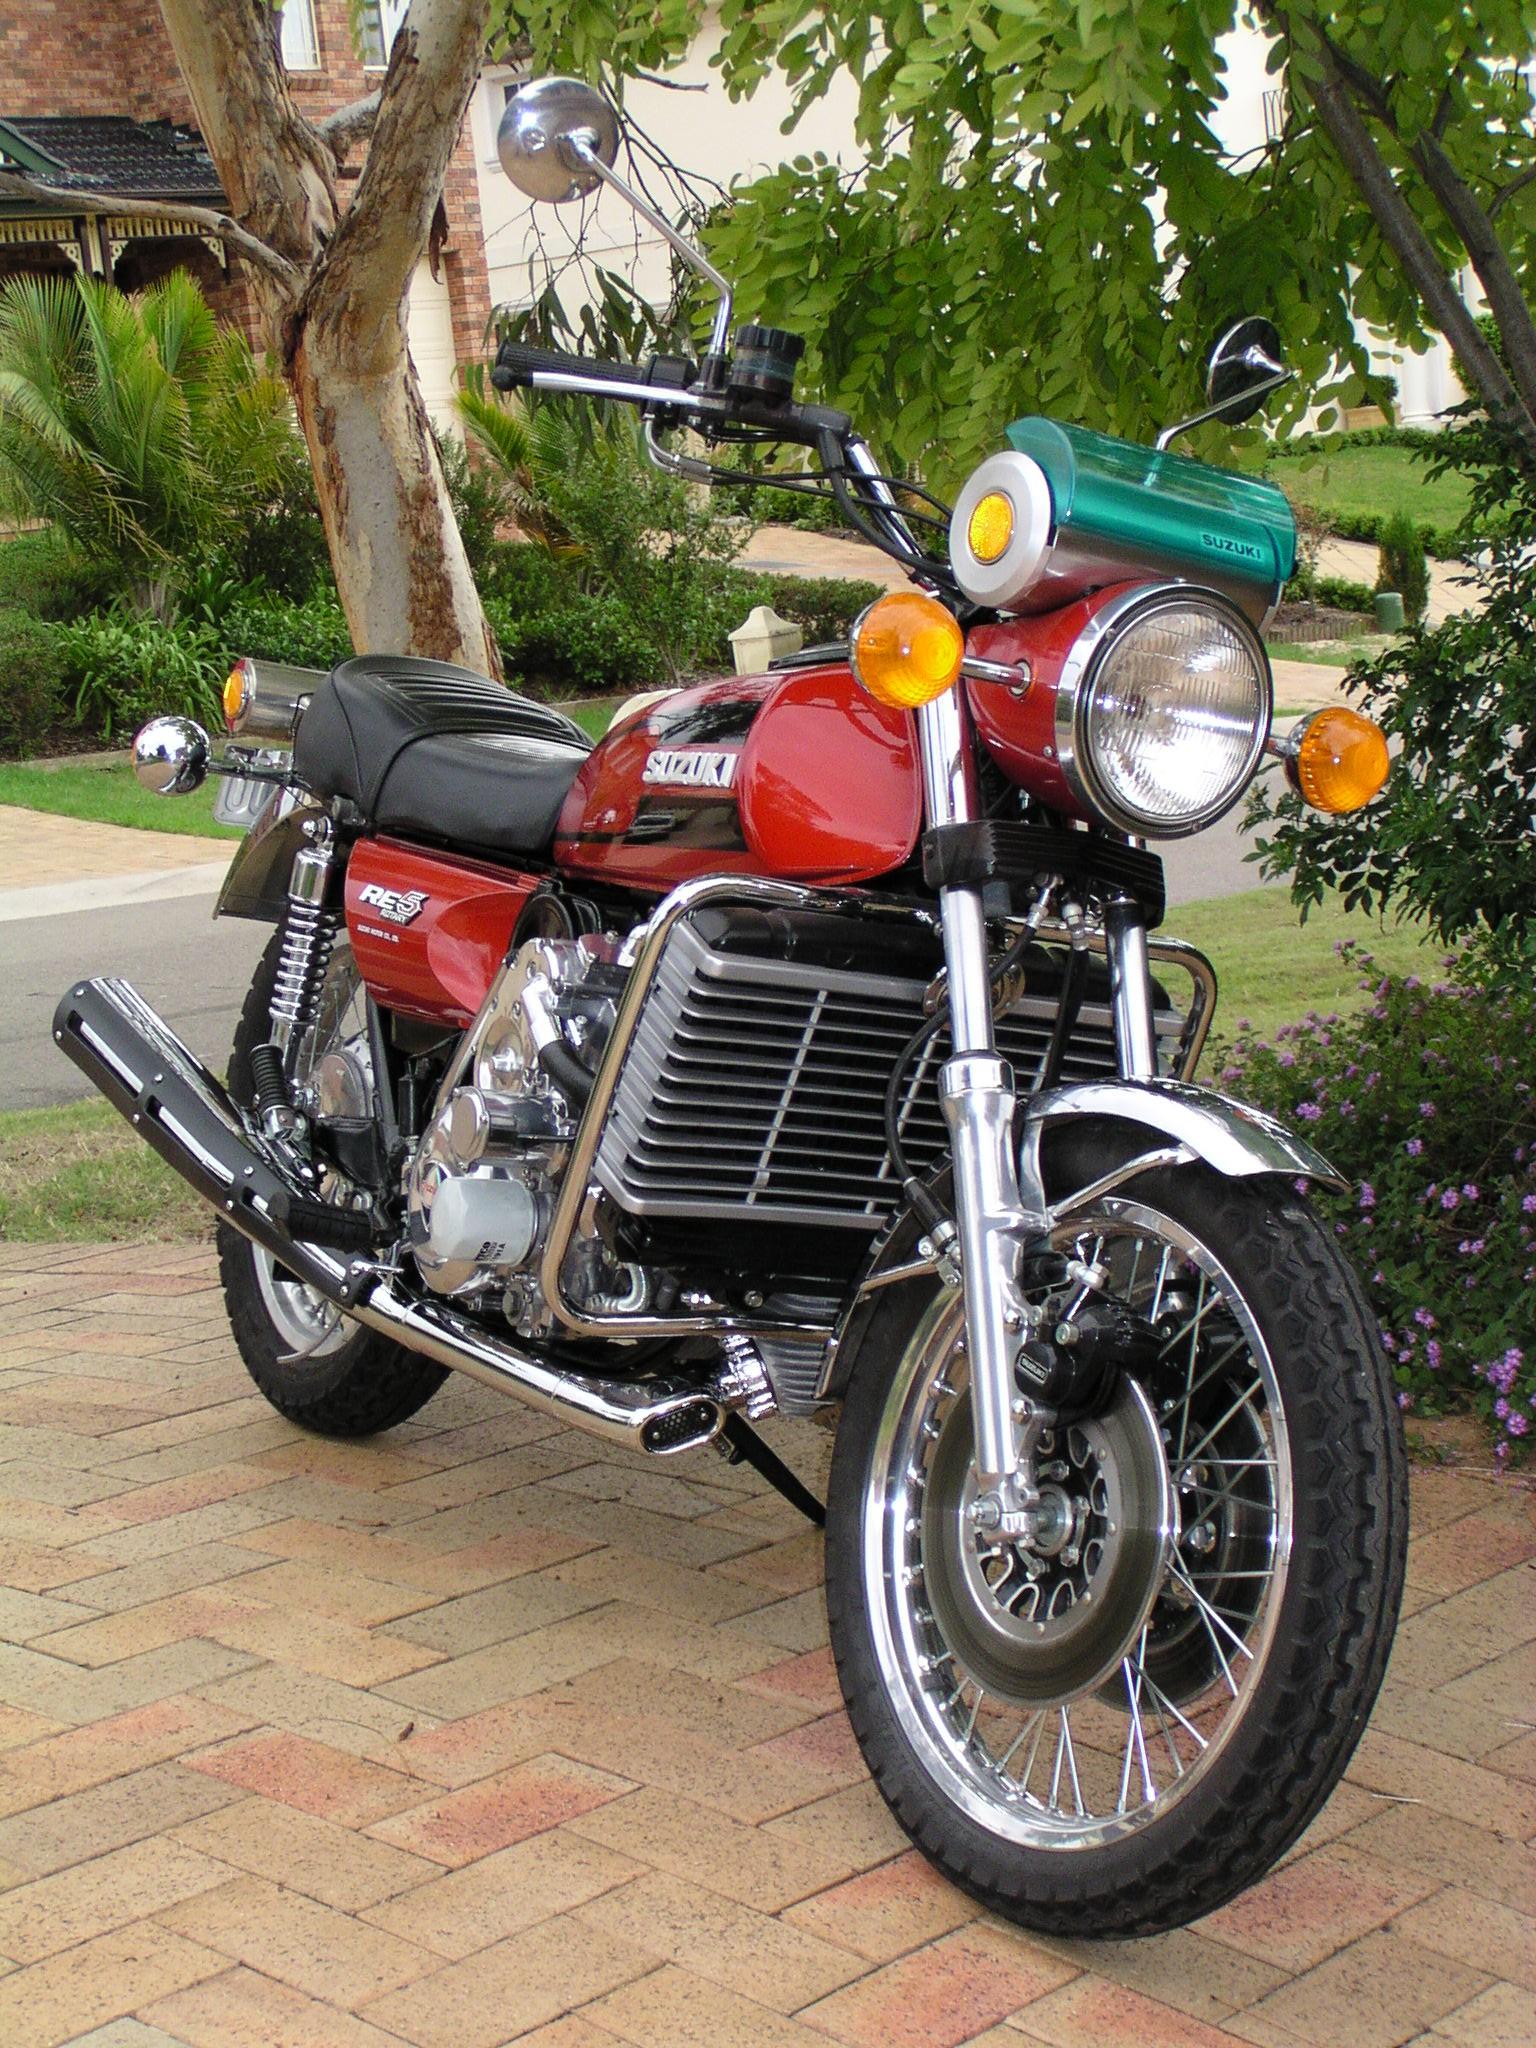 Used Honda Rebel Motorcycle For Sale